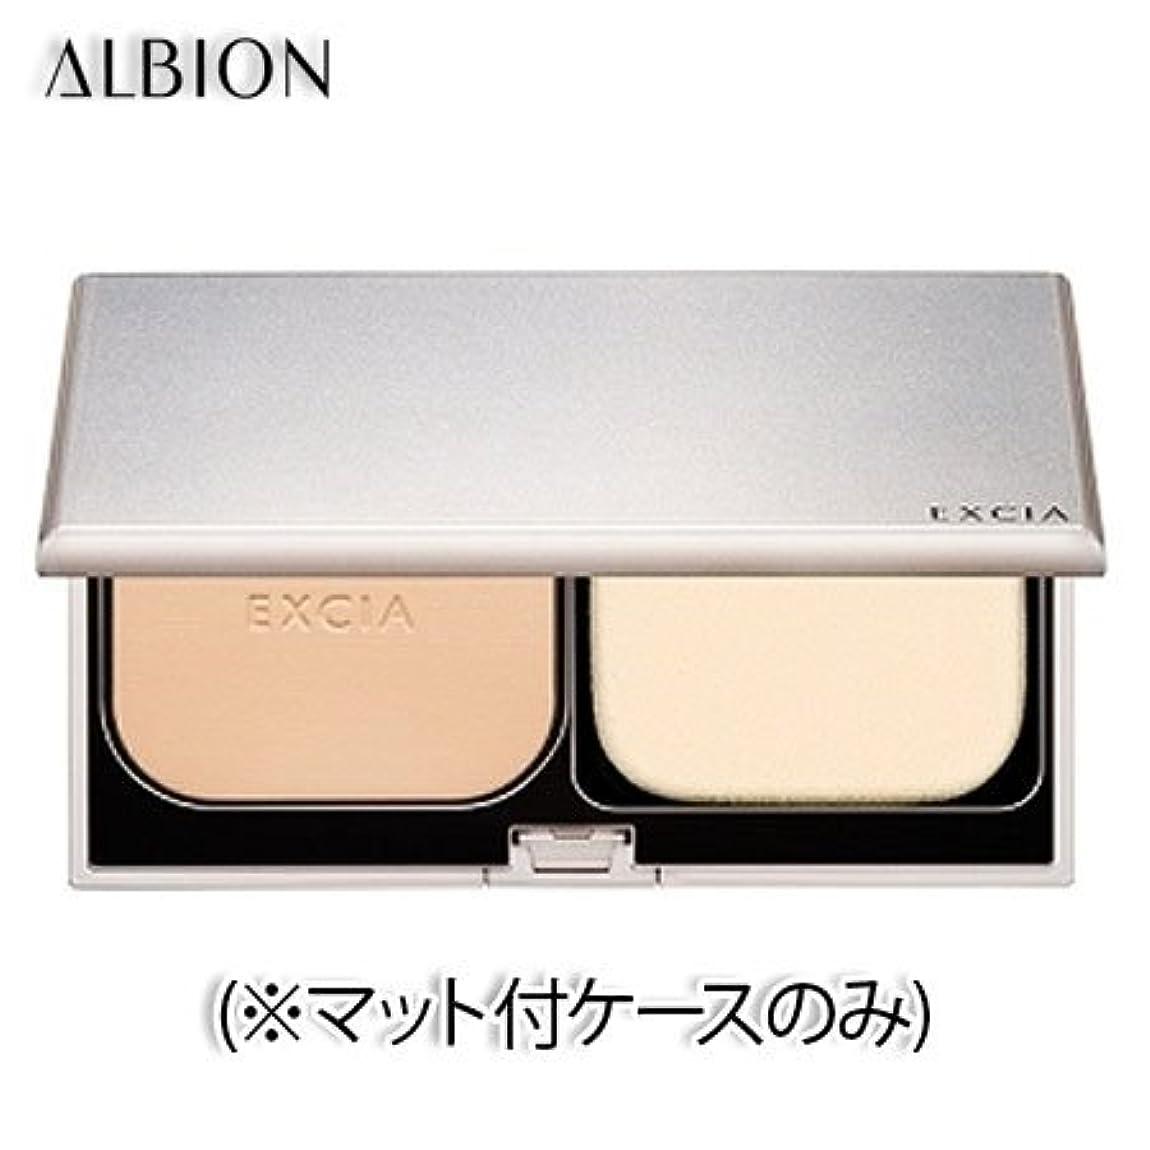 アルビオン エクシア AL ホワイトプレミアムパウダー ファンデーション SPF30 PA+++ 11g 6色 (マット付ケースのみ) -ALBION-